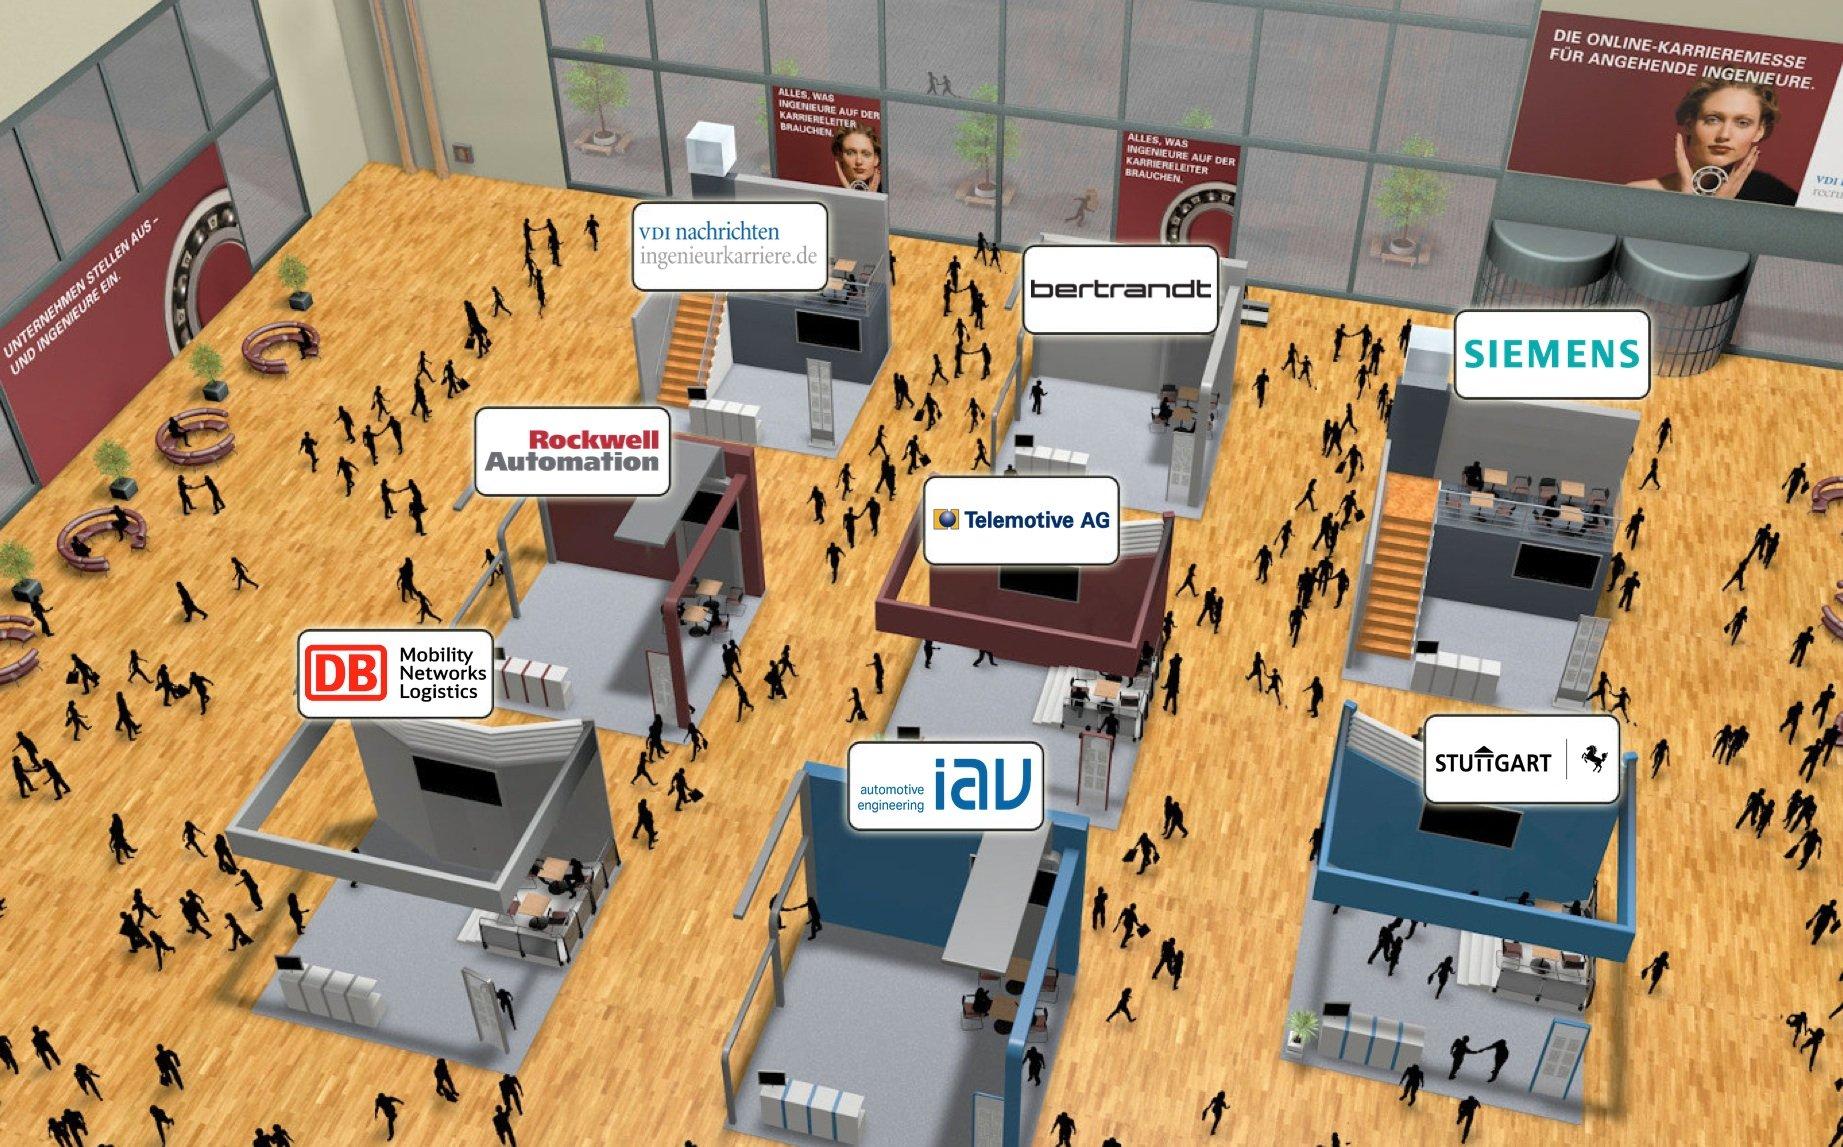 Online-Karrieremesse der VDI nachrichten: Angehende Ingenieure können die Unternehmensstände einfach anklicken, sich über das jeweilige Jobangebot informieren und per Textchat Fragen stellen. Die Online-Karrieremessen für Absolventen finden am 28. April und 10. November statt.